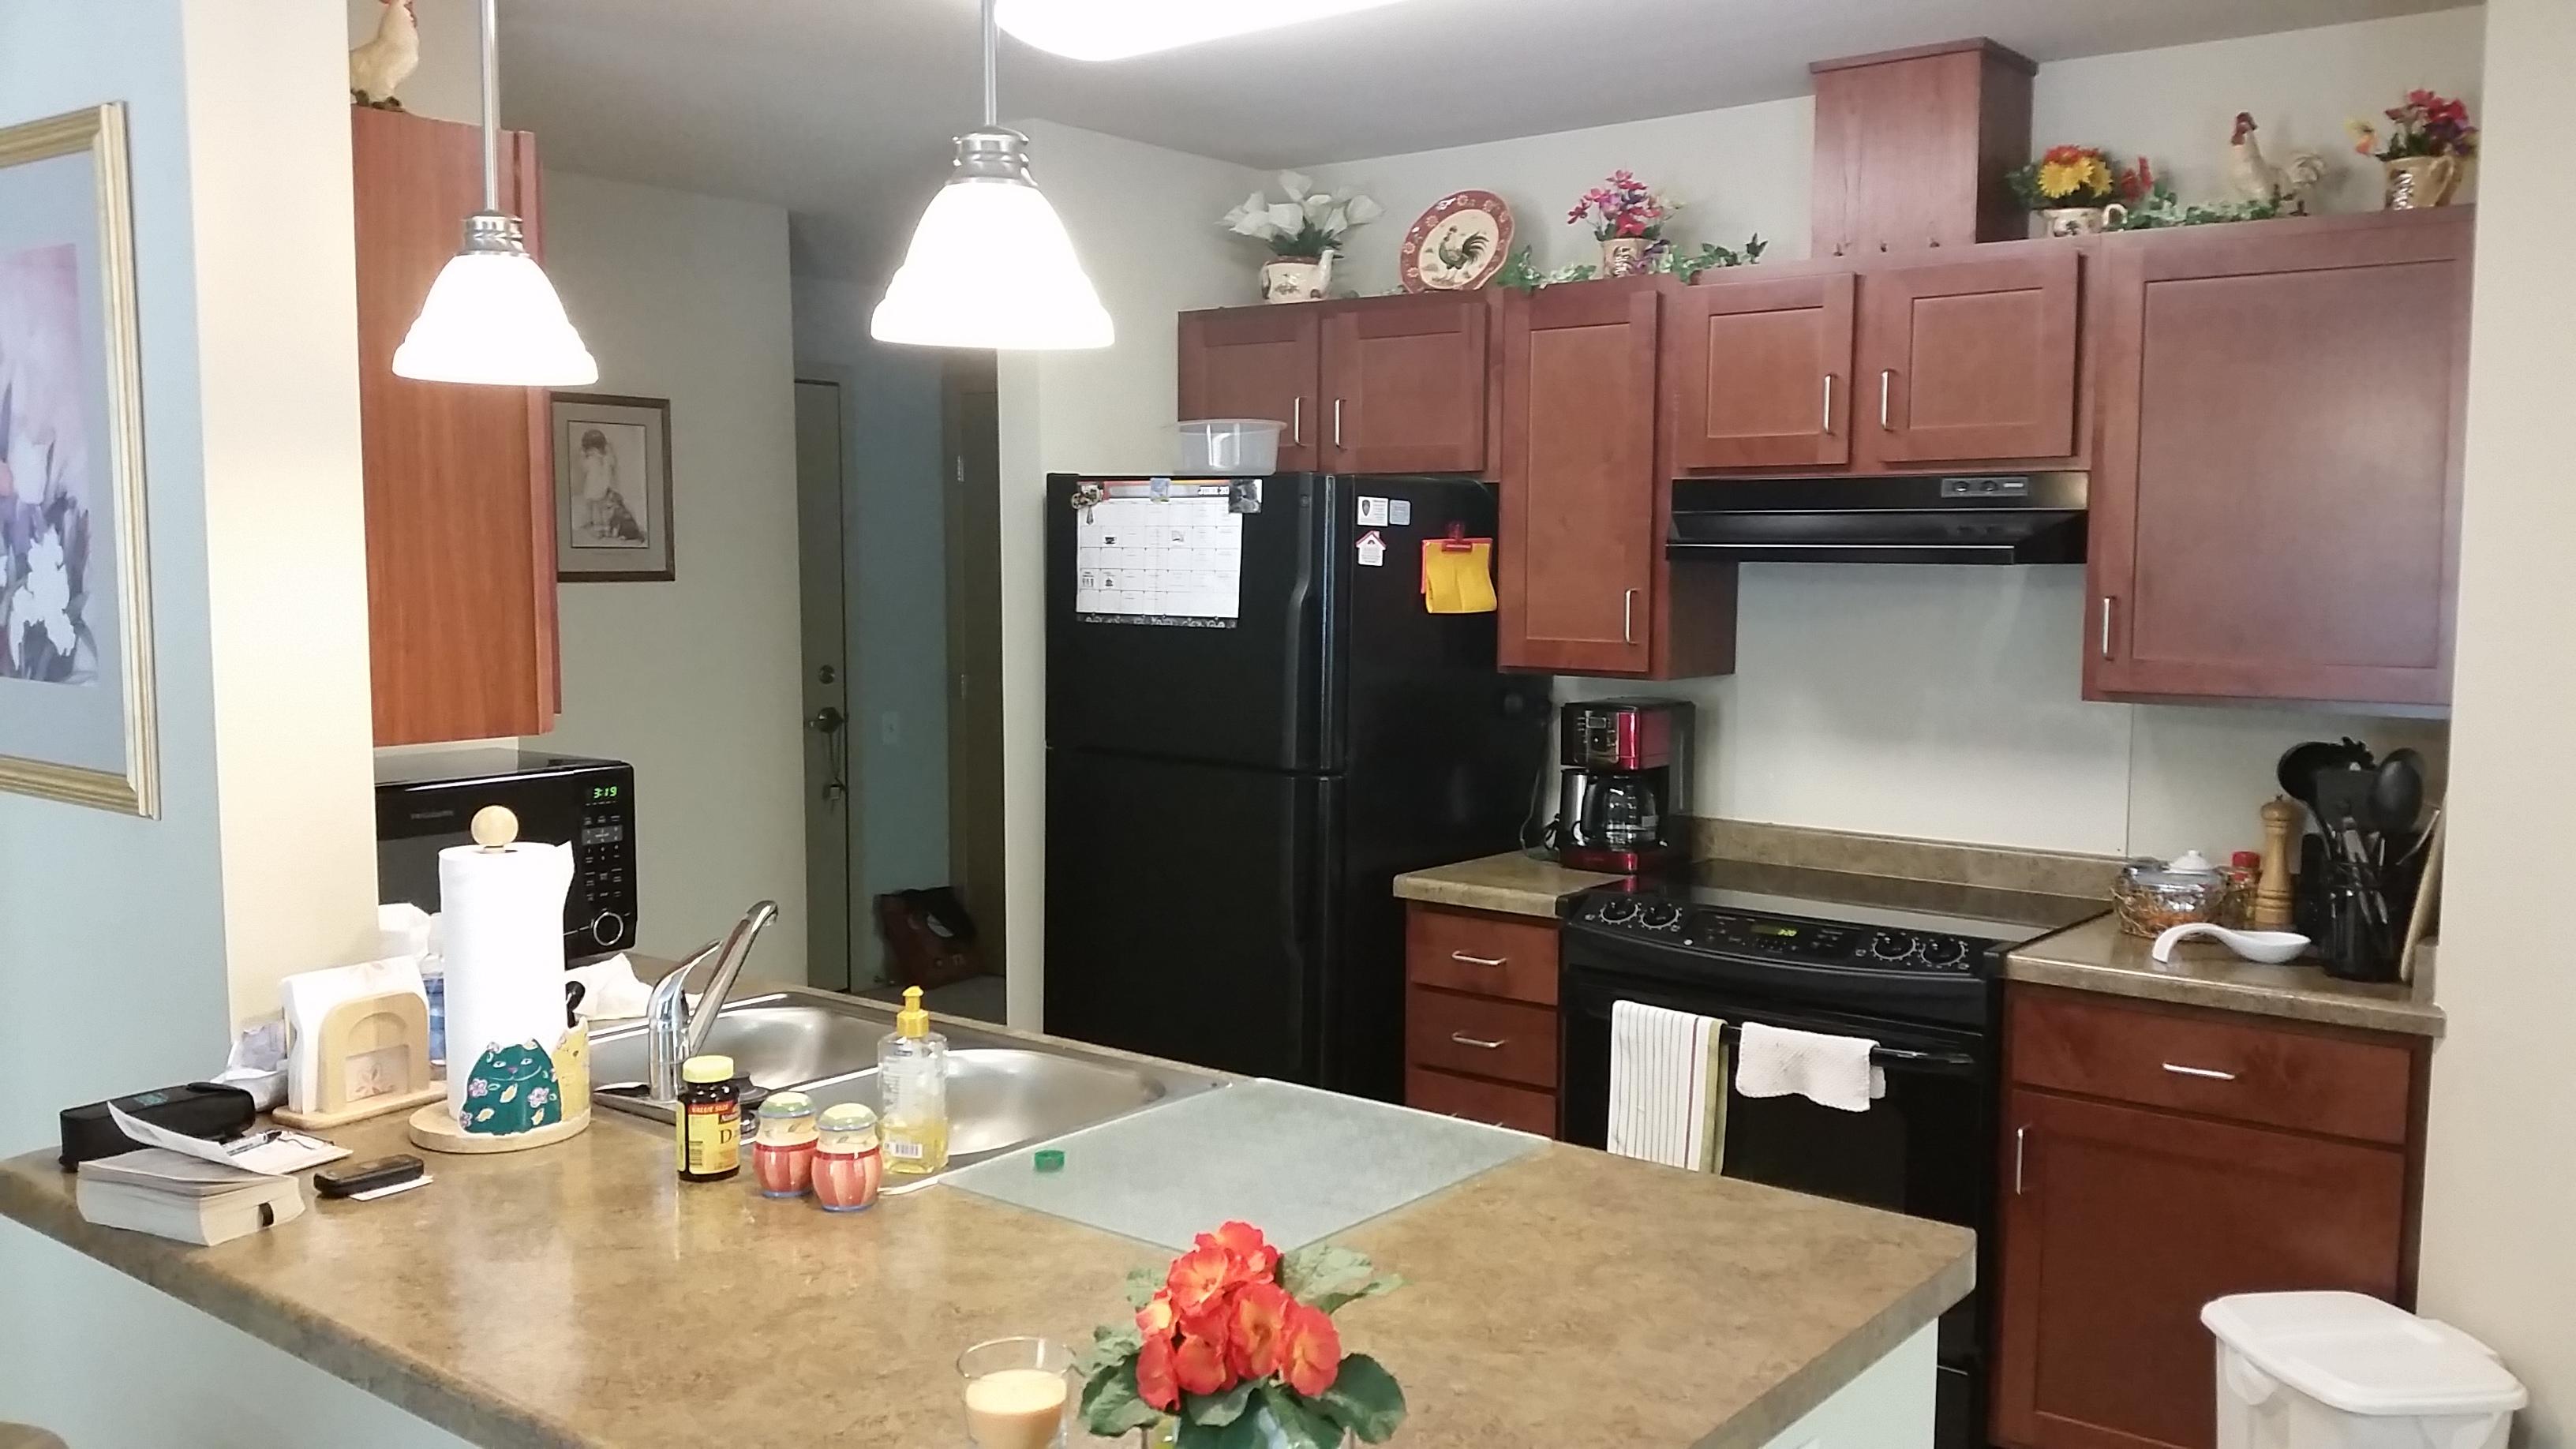 Alta Mira II Senior Apartments - Menomonee Falls, WI 53051 - (262)719-3884 | ShowMeLocal.com